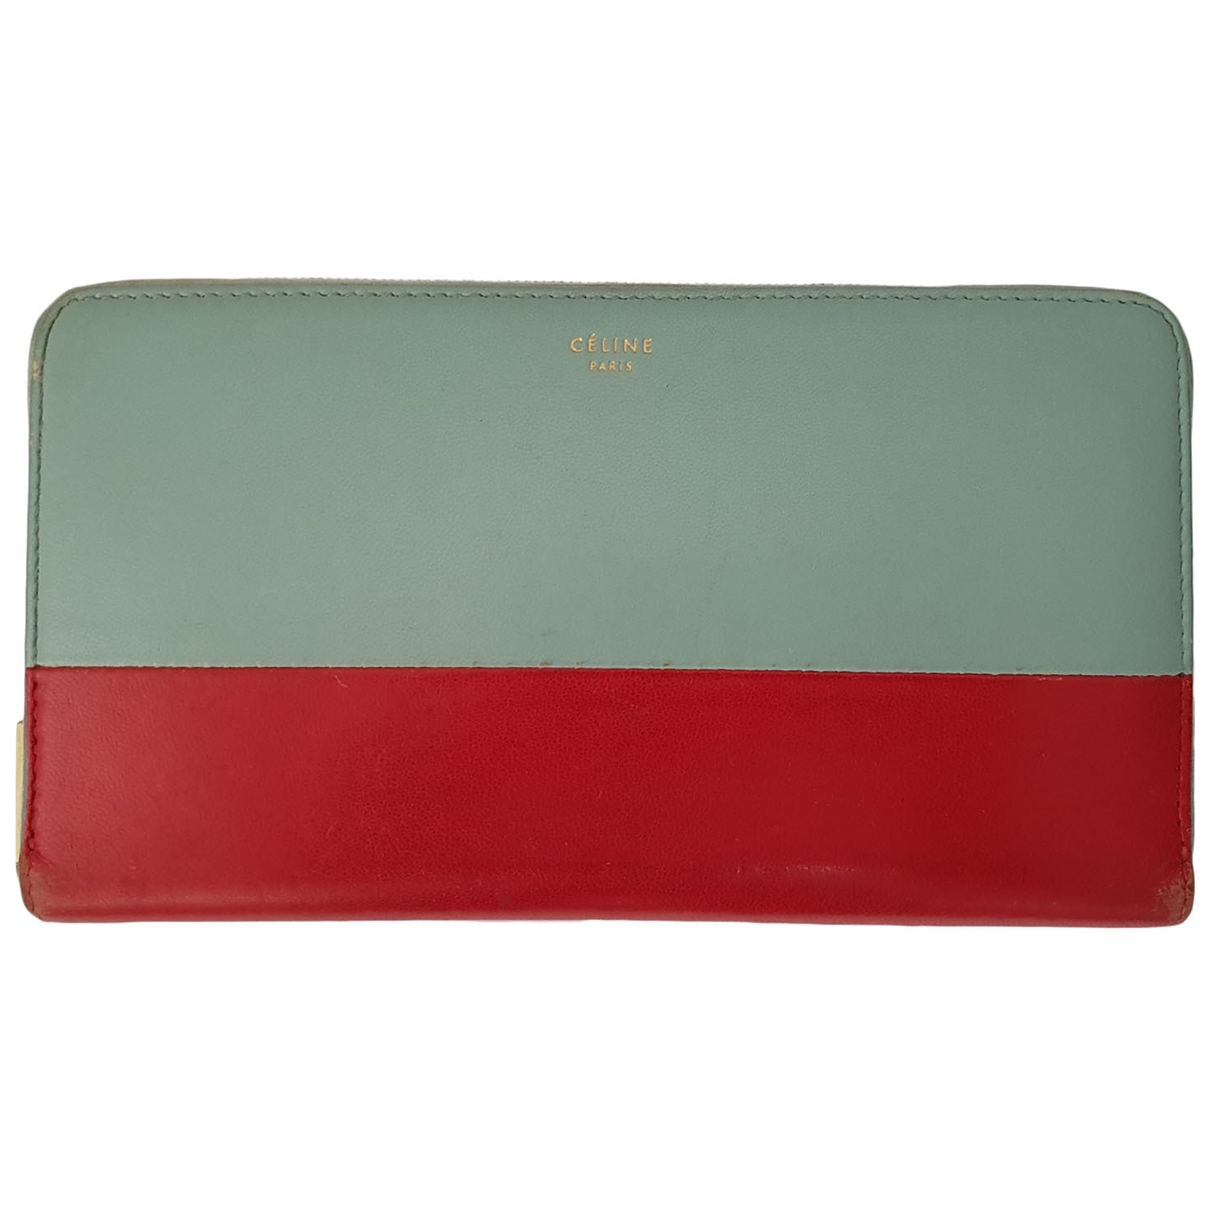 Celine - Portefeuille   pour femme en cuir - multicolore